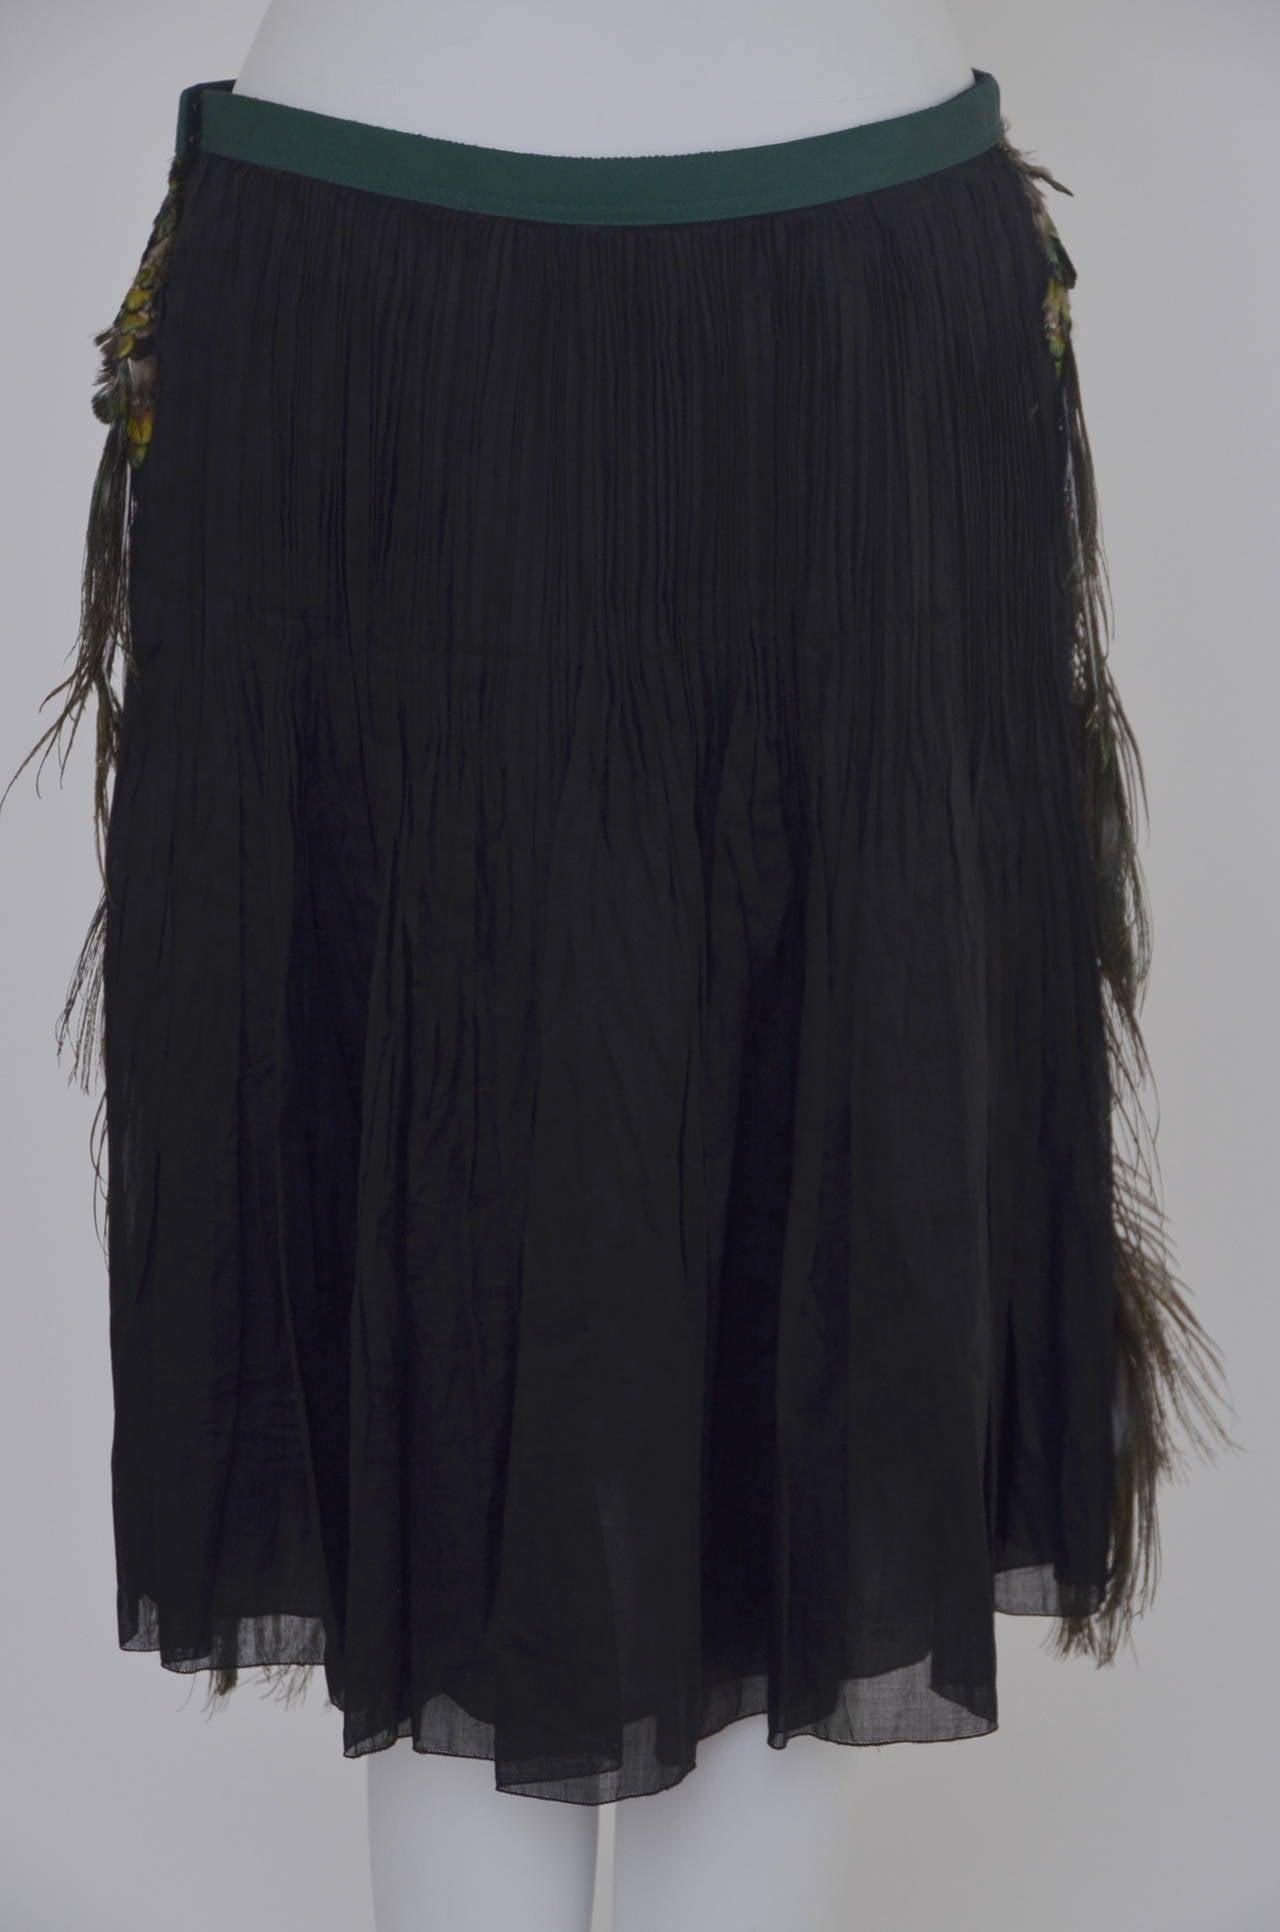 Prada Peacock  Runway Skirt  New 38 3